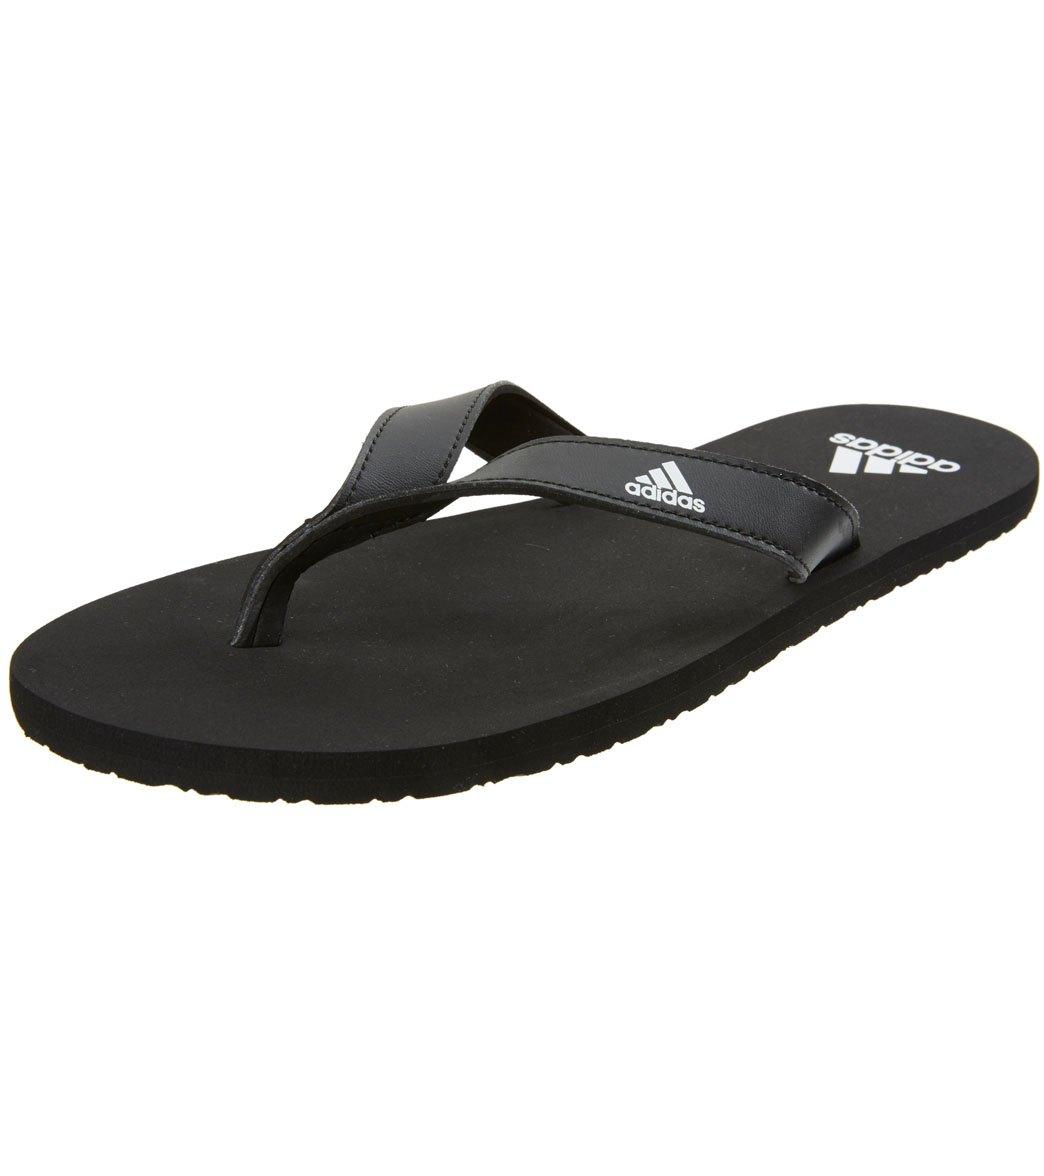 f446a5645277 Adidas Men s Eezay Essence Flip Flop at SwimOutlet.com